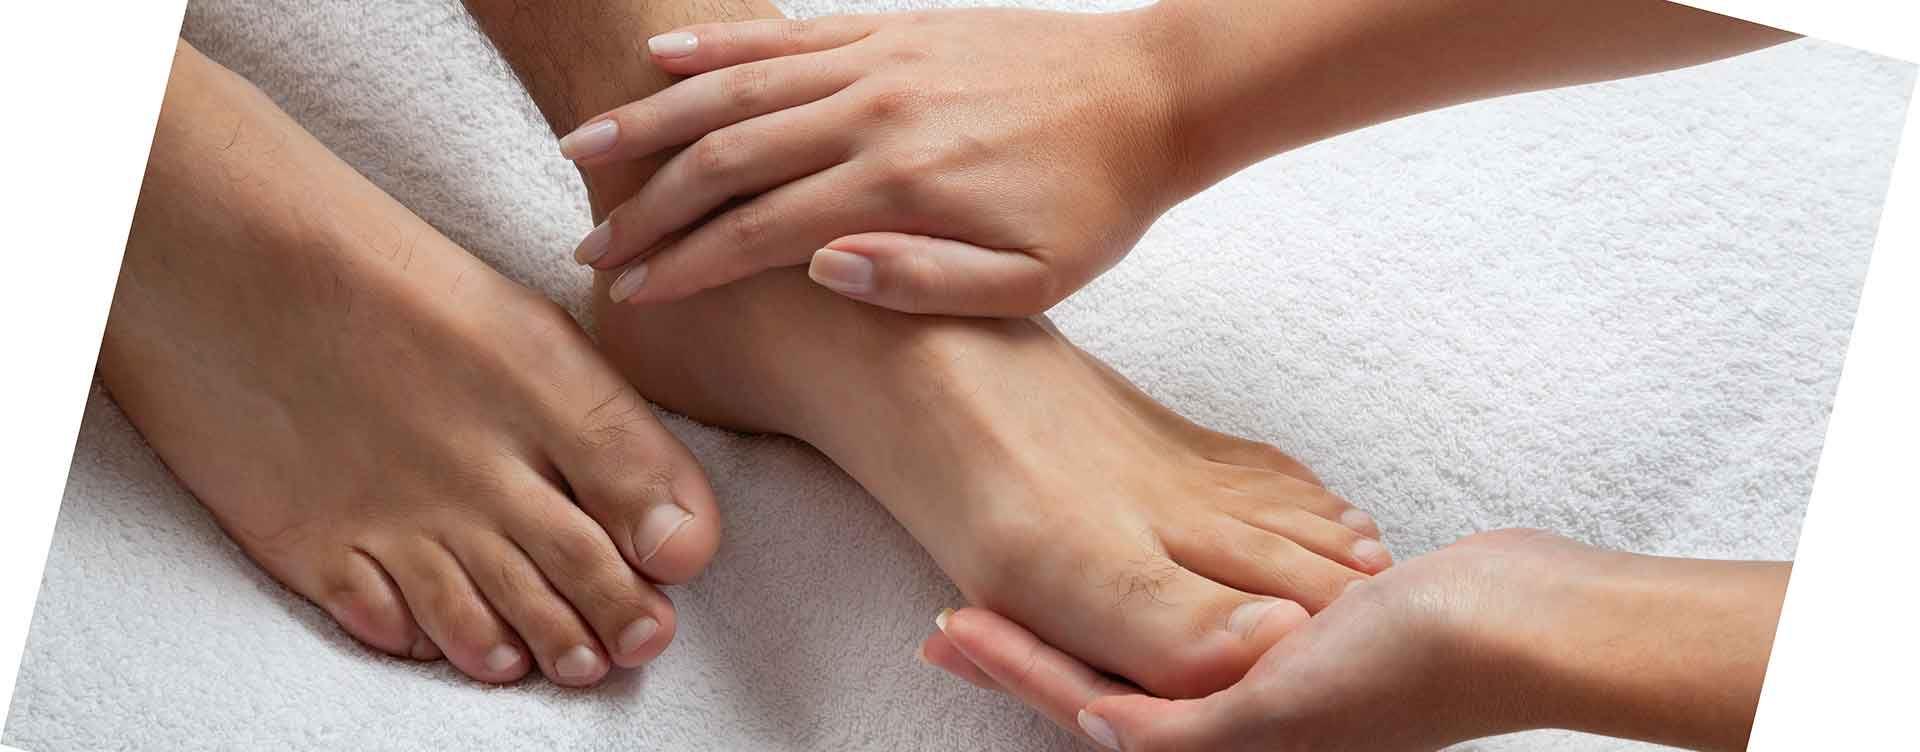 Bệnh ra mồ hôi tay chân có lây không?